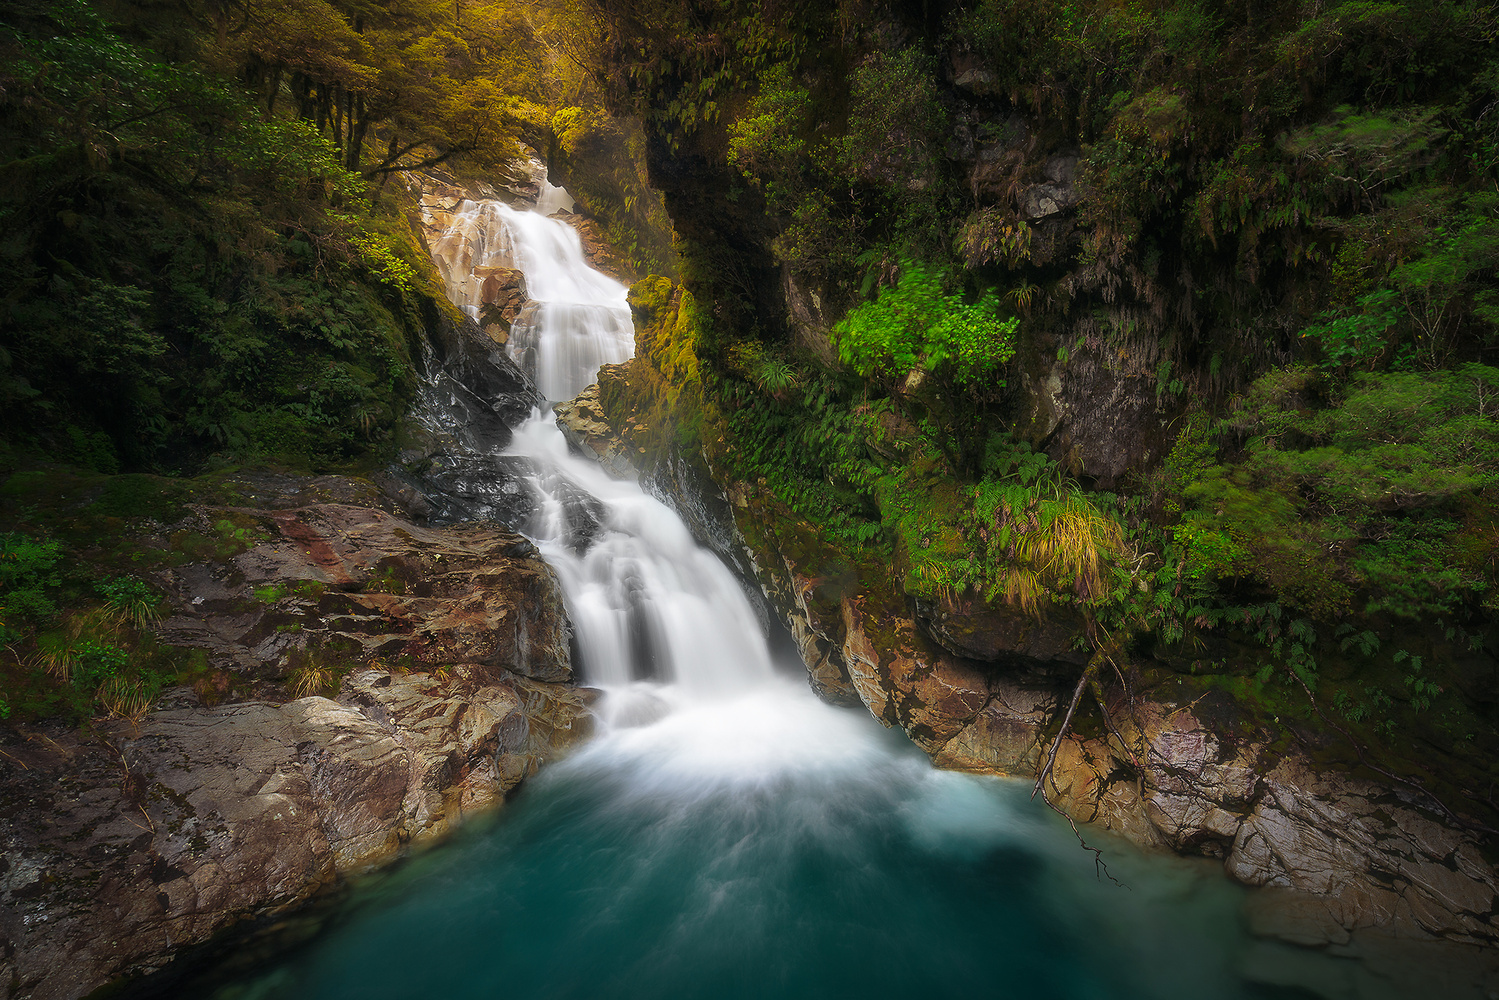 Christie Falls by Kieran Stone